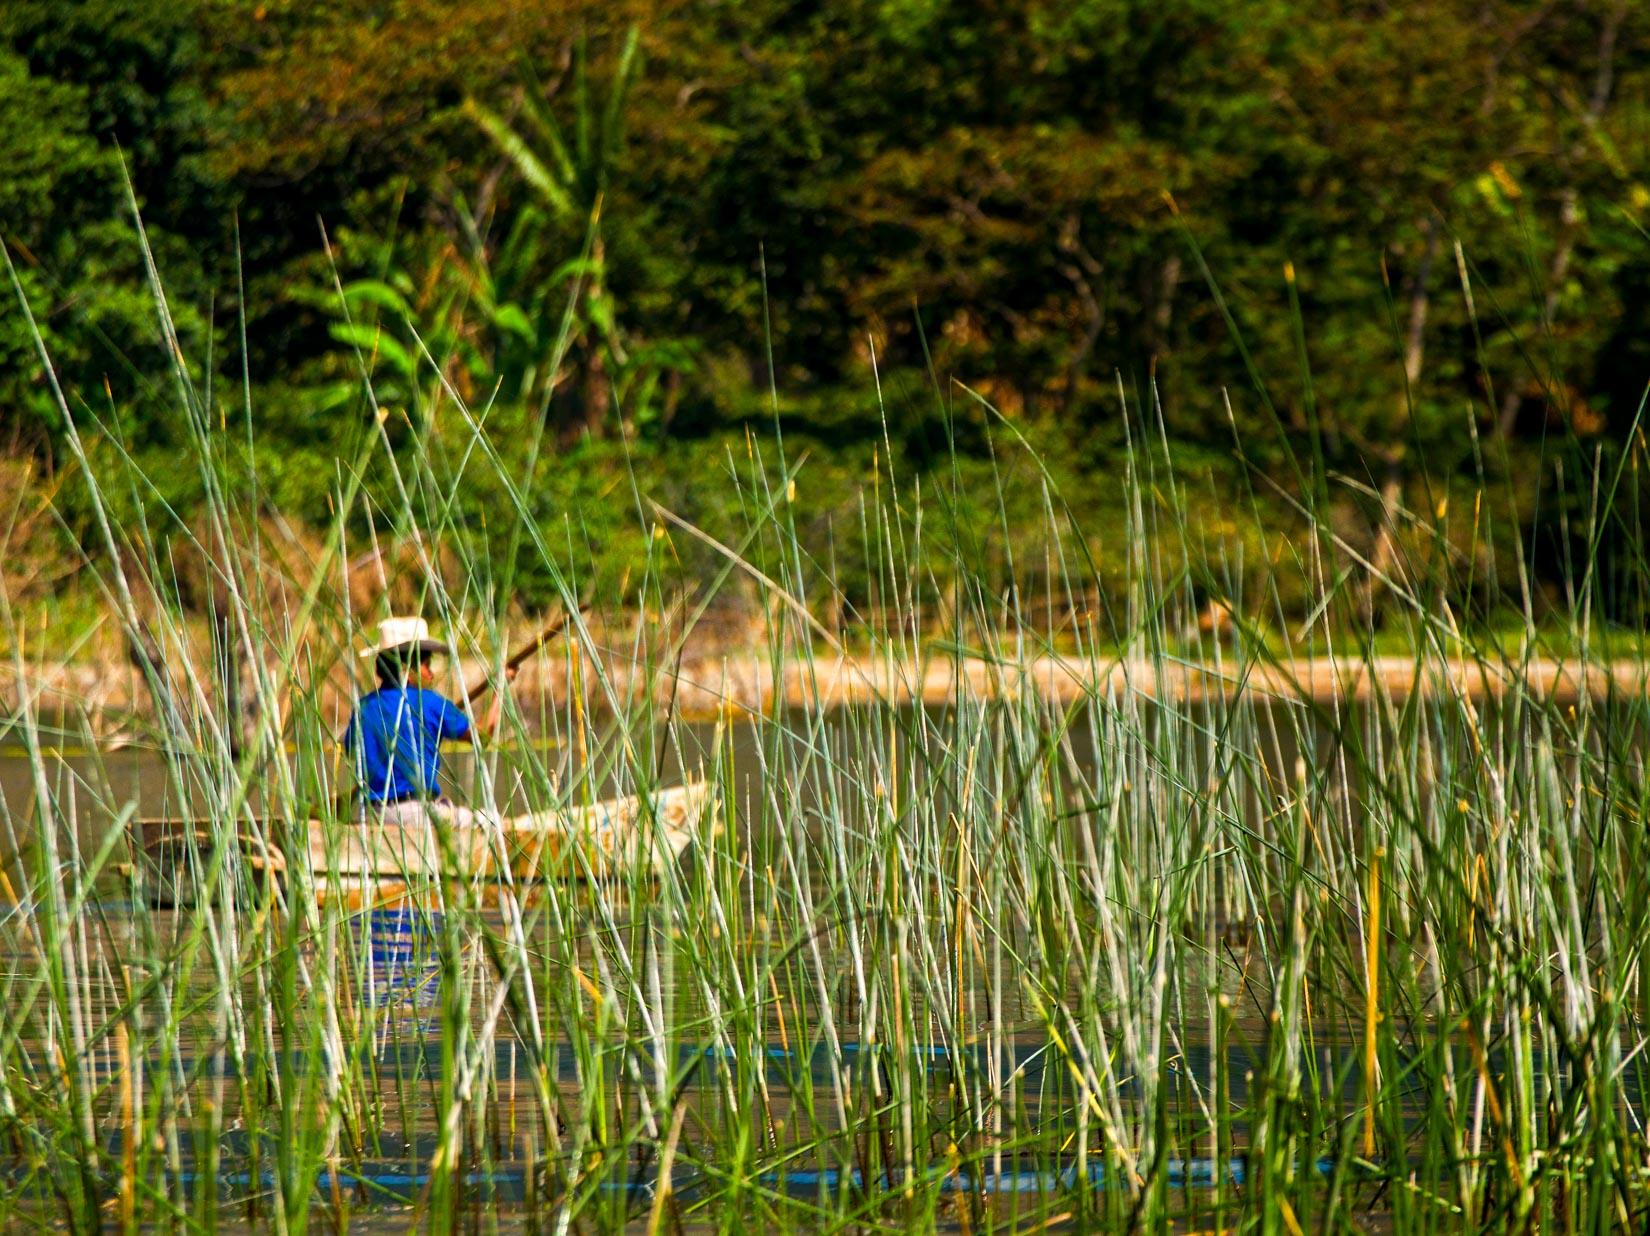 Man rows boat among Guatemala reeds